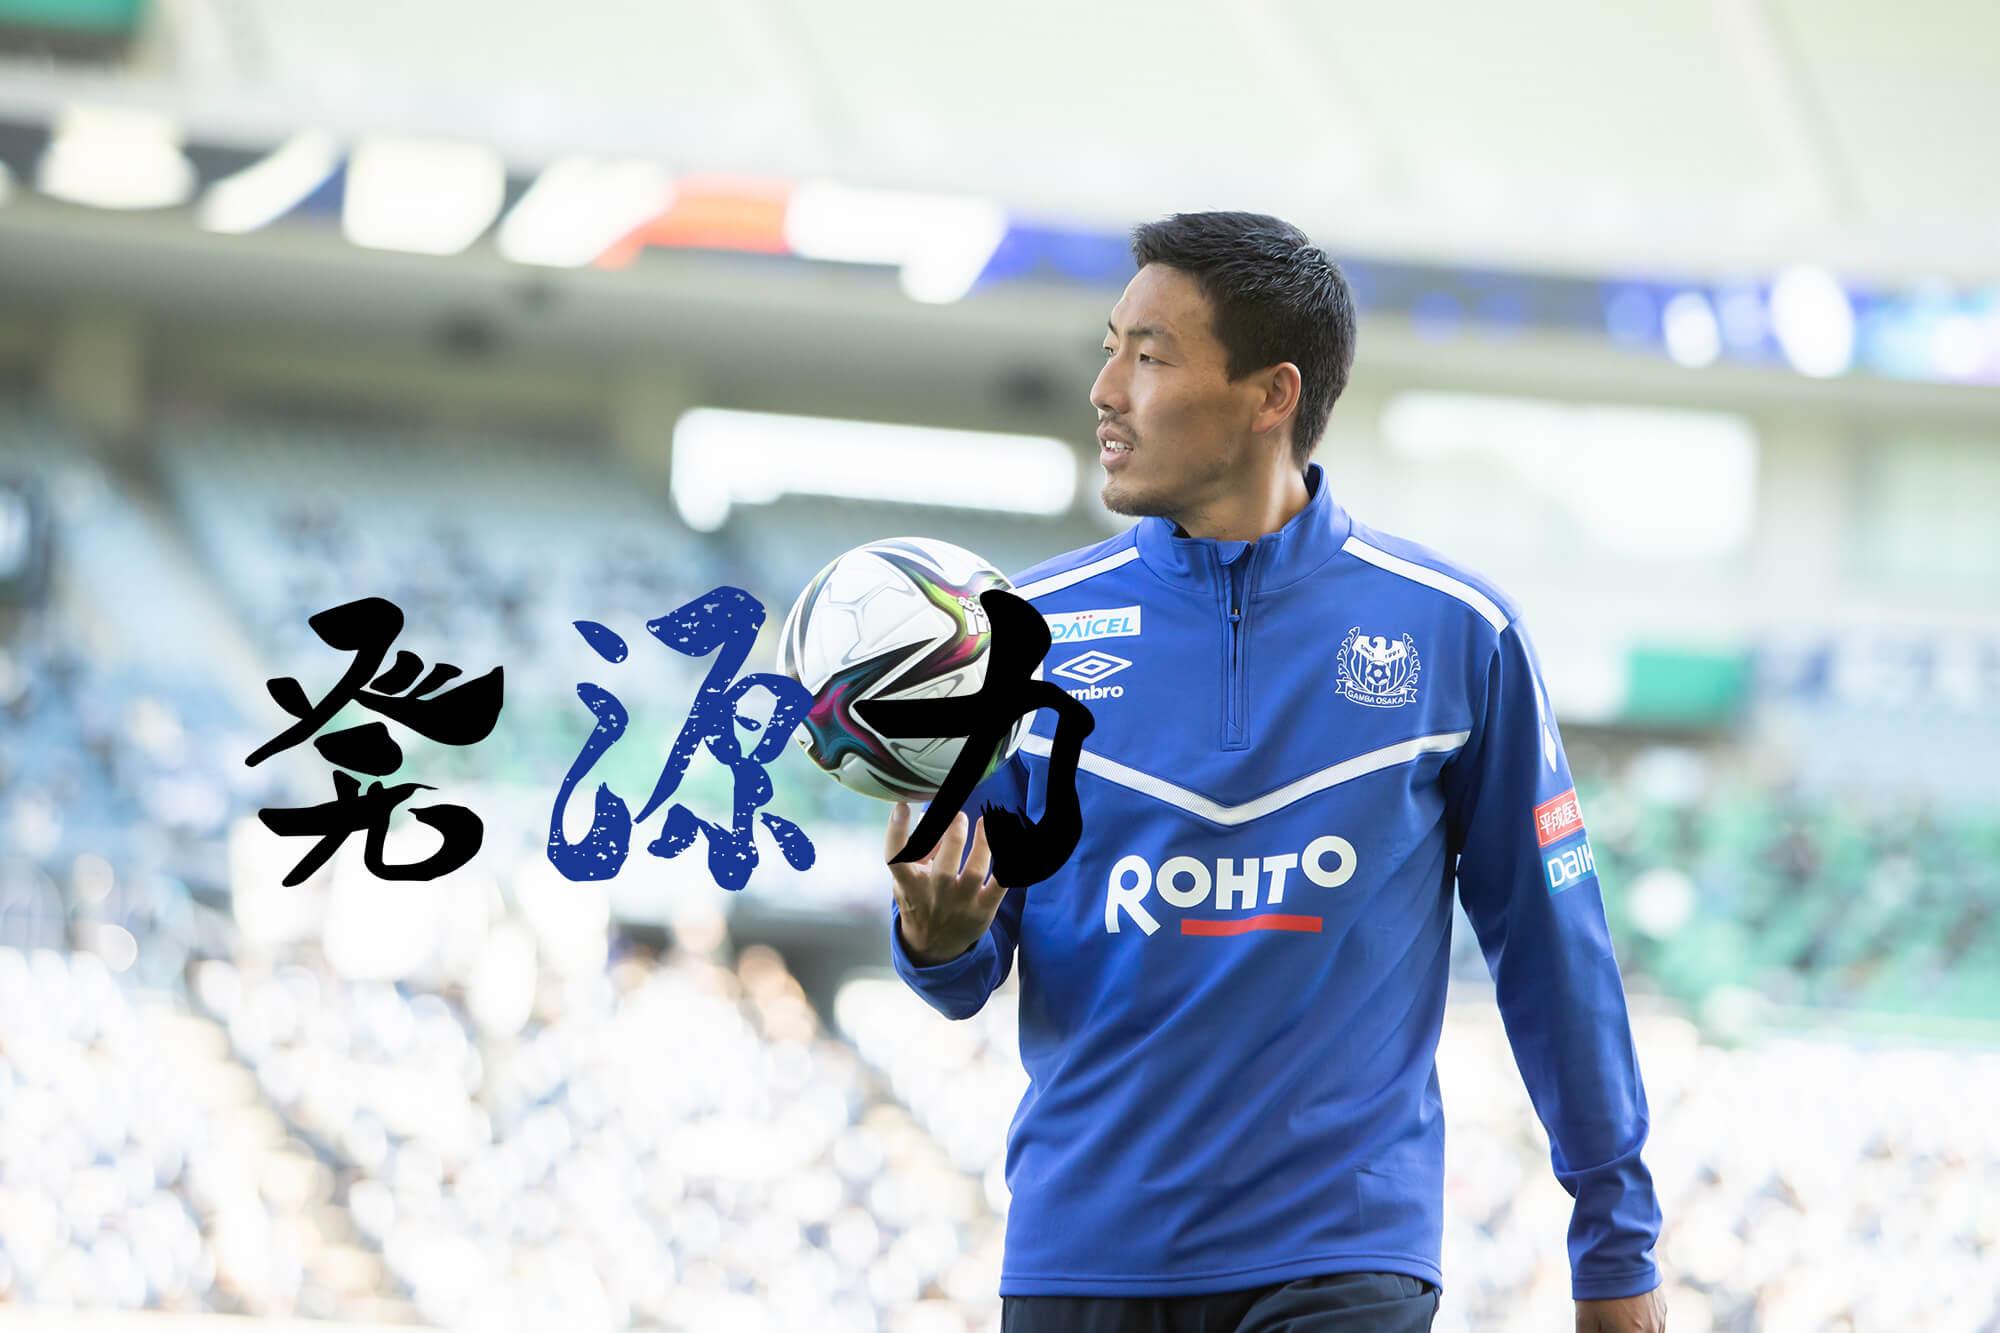 Vol.23 J1リーグ開幕戦での戦列復帰。